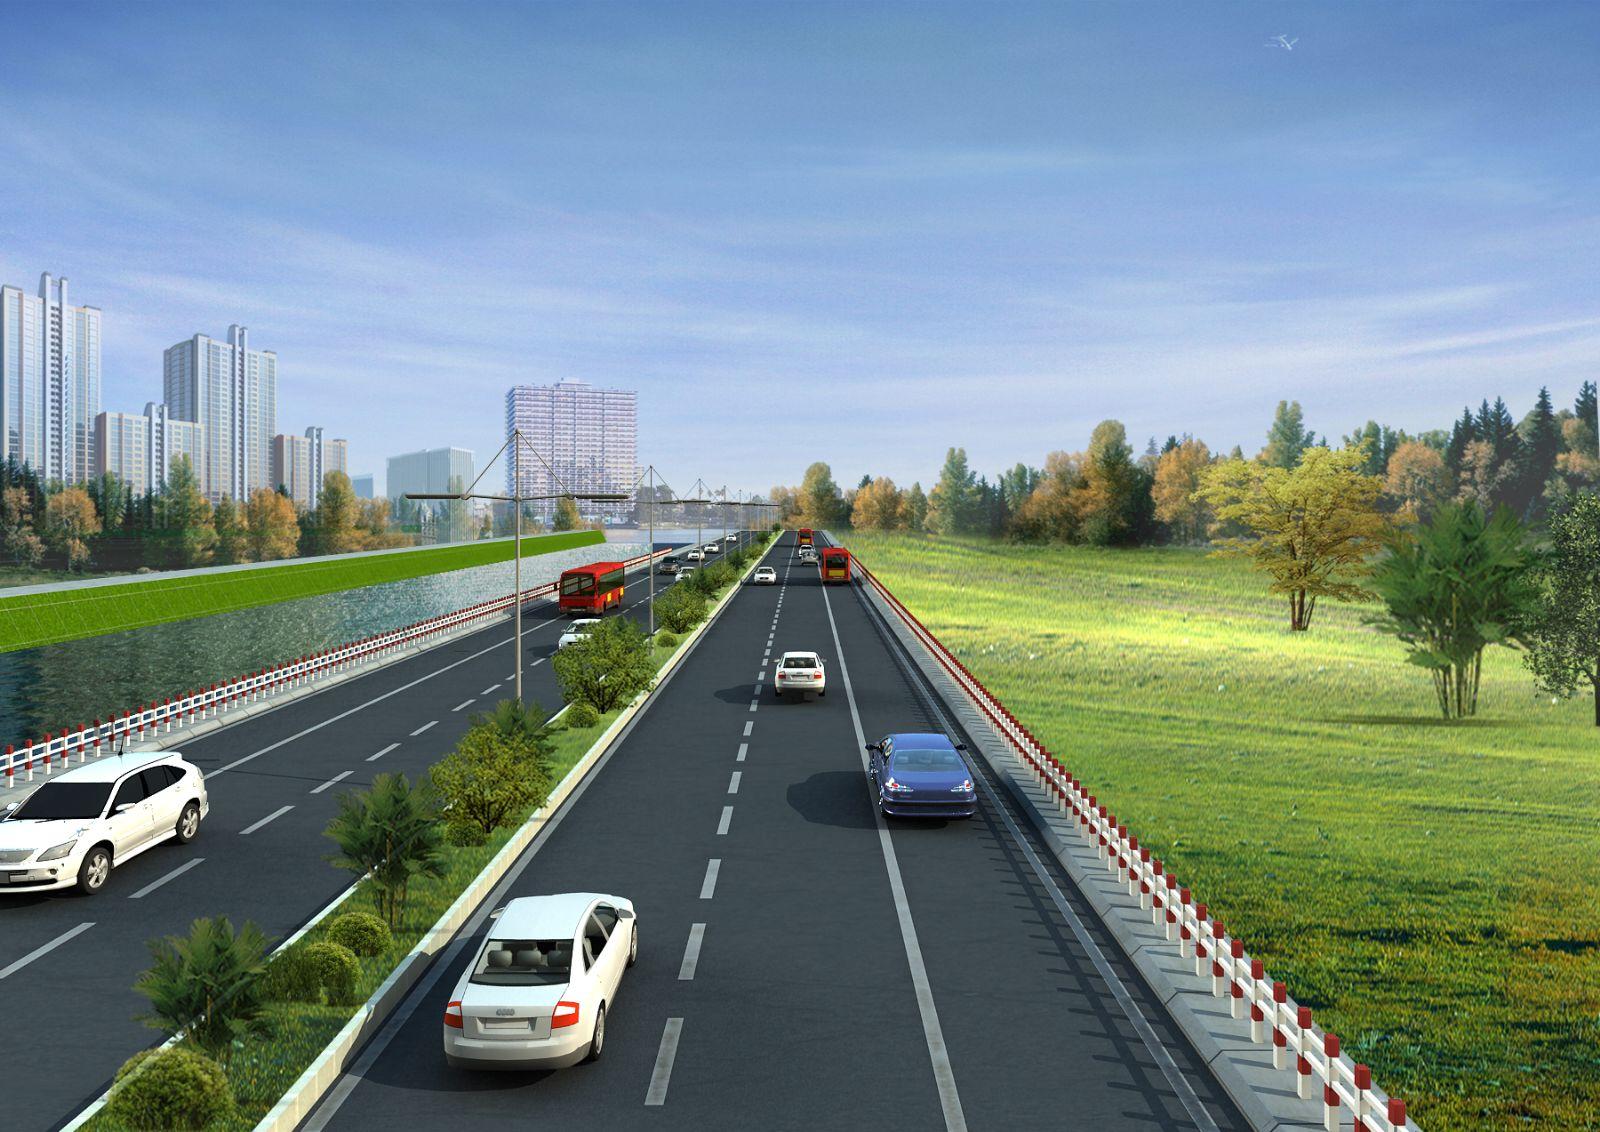 Trực tiếp thi công các công trình đường nội thị, đường cao tốc, quốc lộ